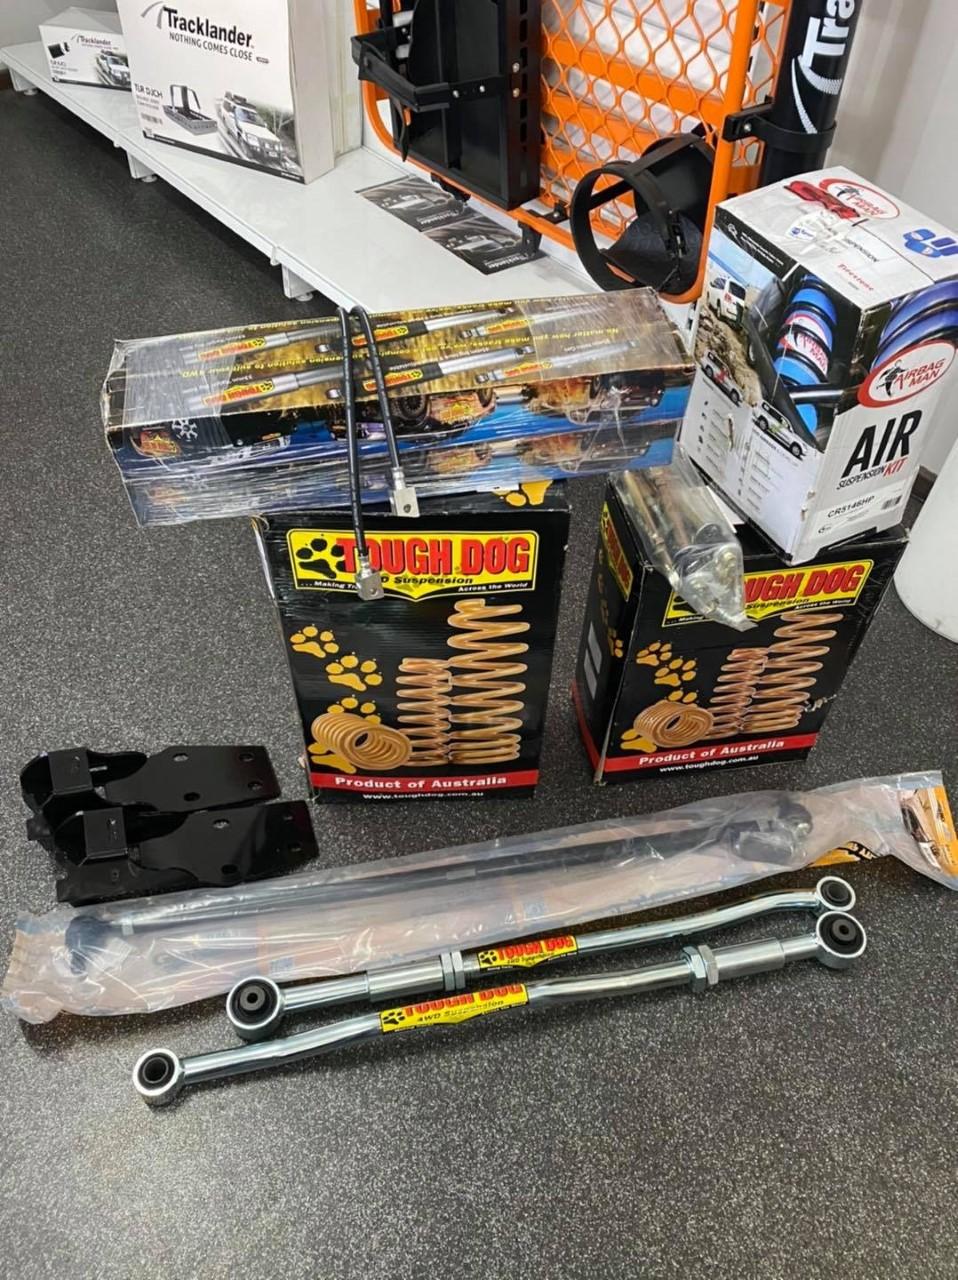 3inch Tough Dog Lift Kit for a GU Patrol